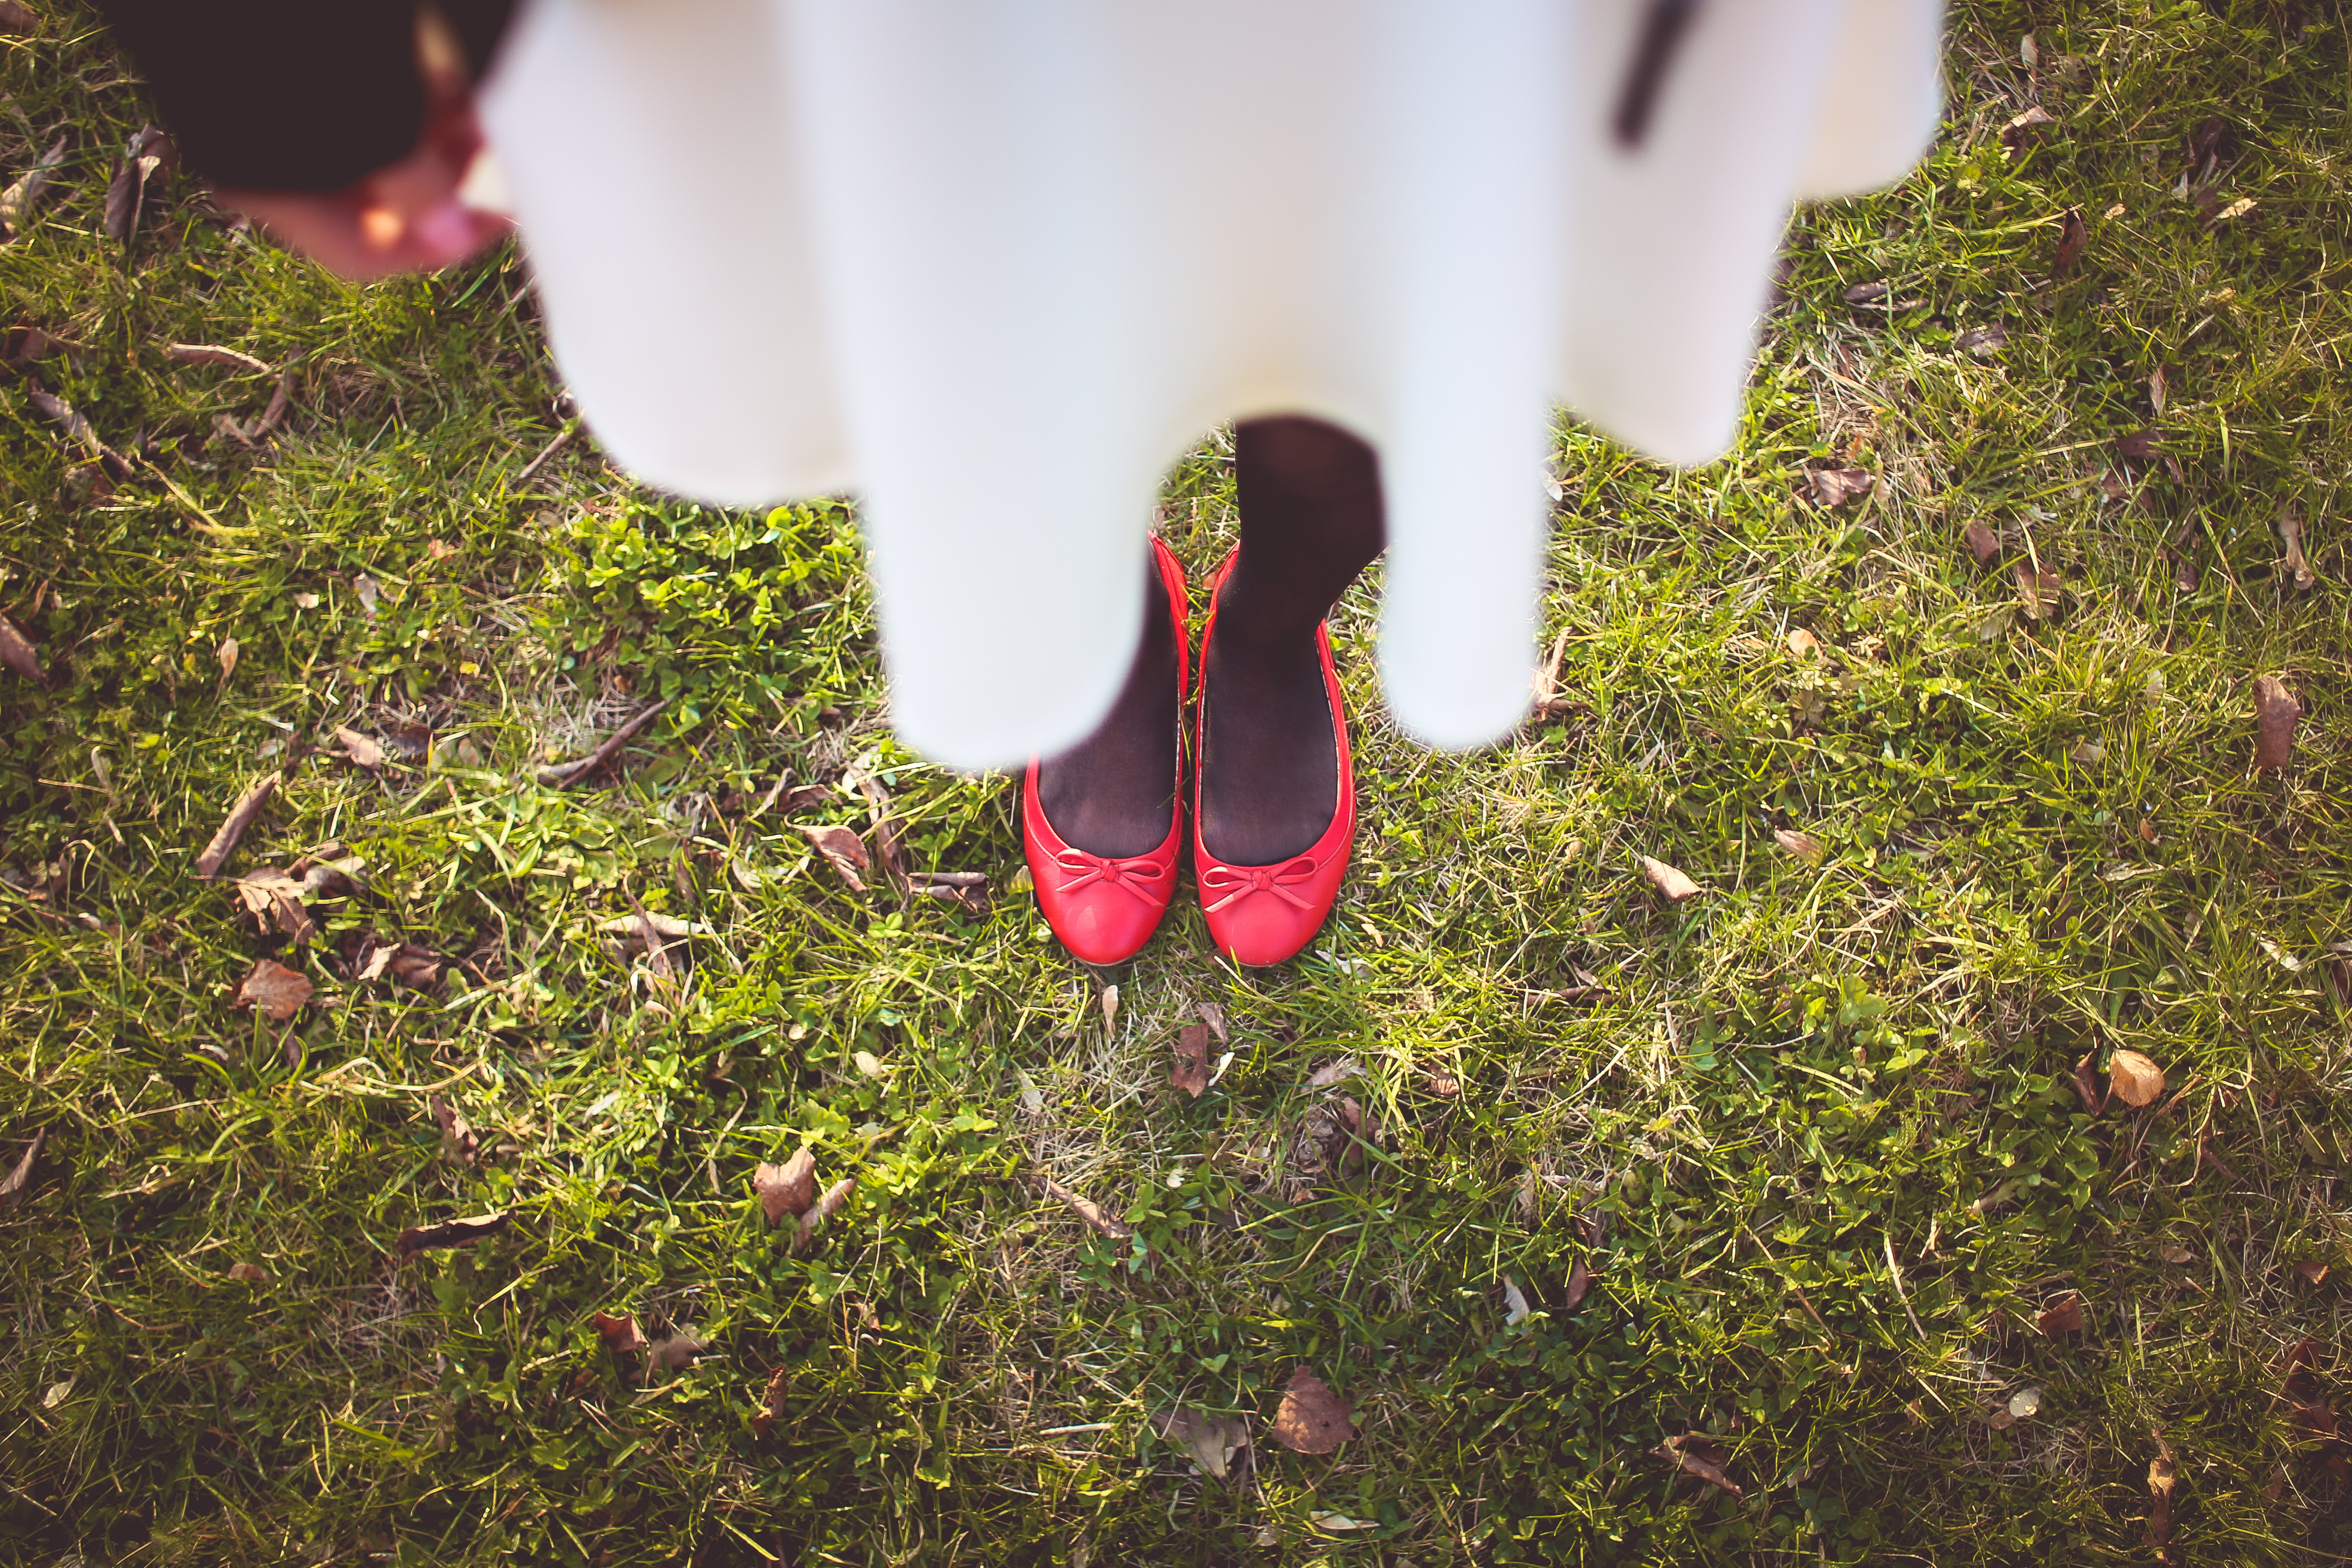 Mädchen in weißem Kleid und roten Ballerina-Schuhen